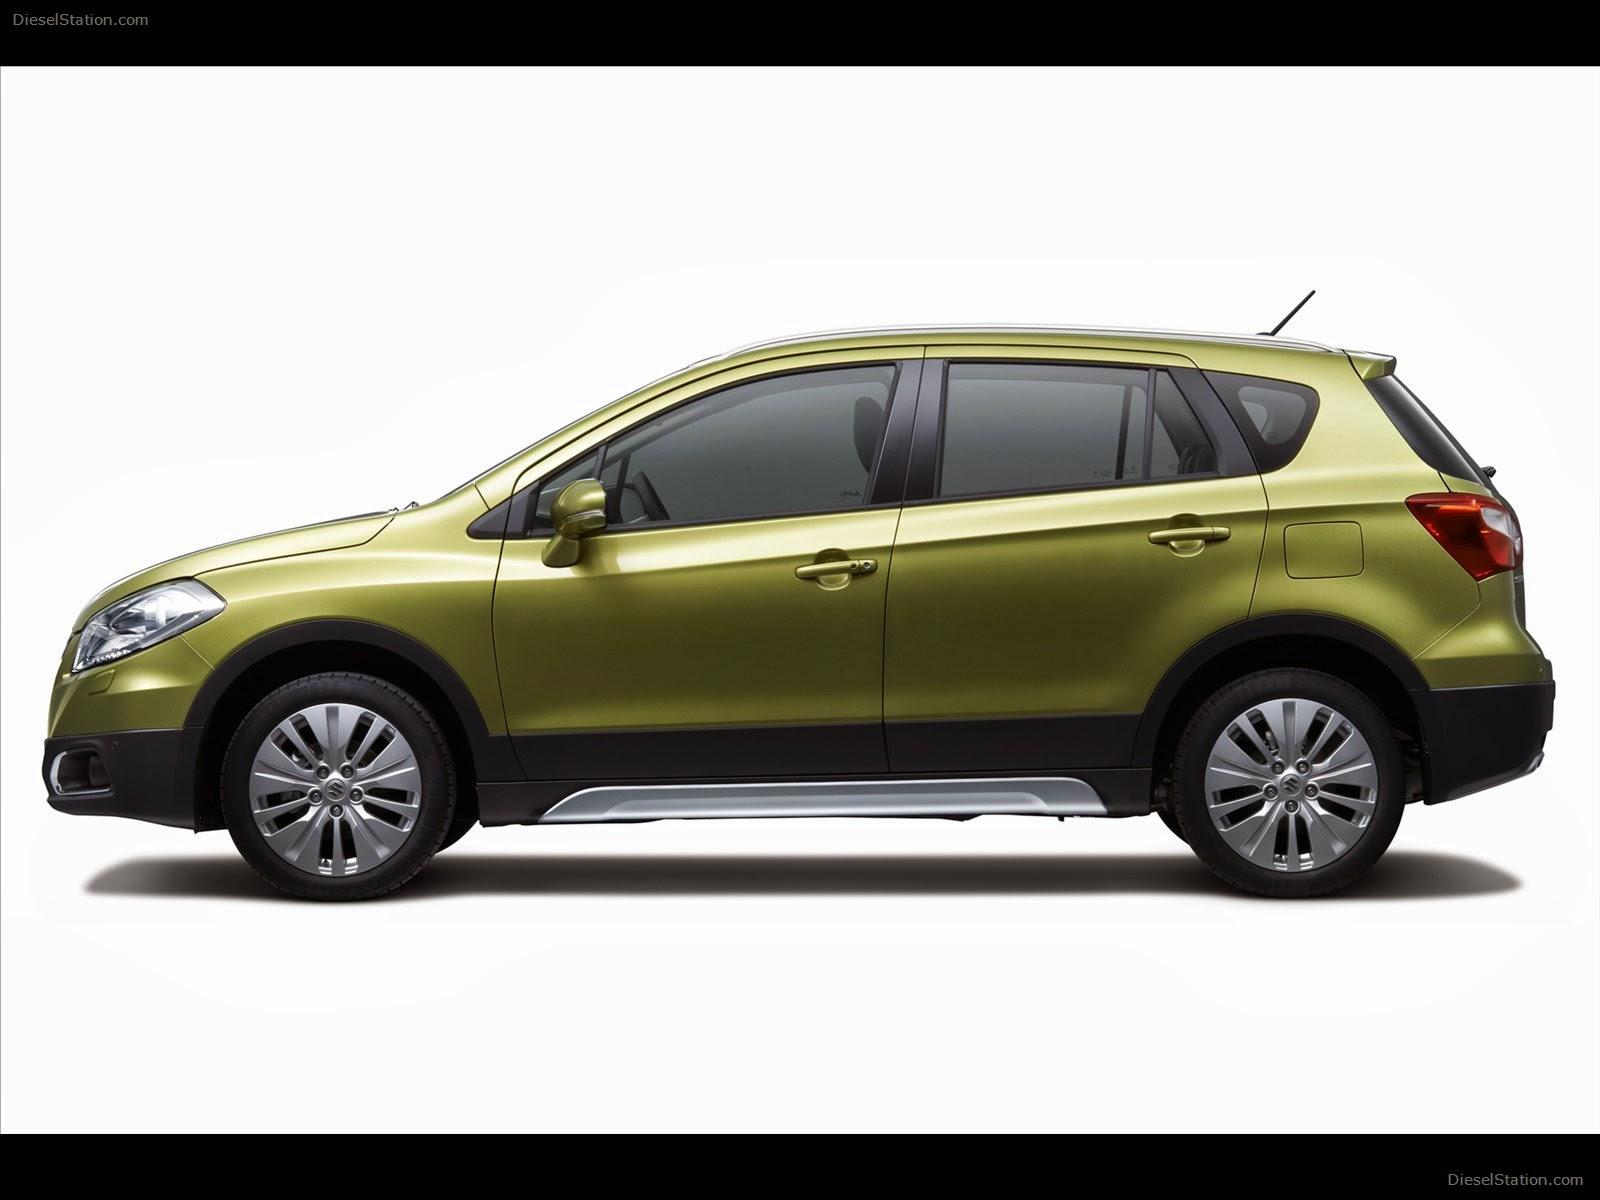 Daftar Harga Mobil Suzuki Semua Tipe Baru Bekas 2014